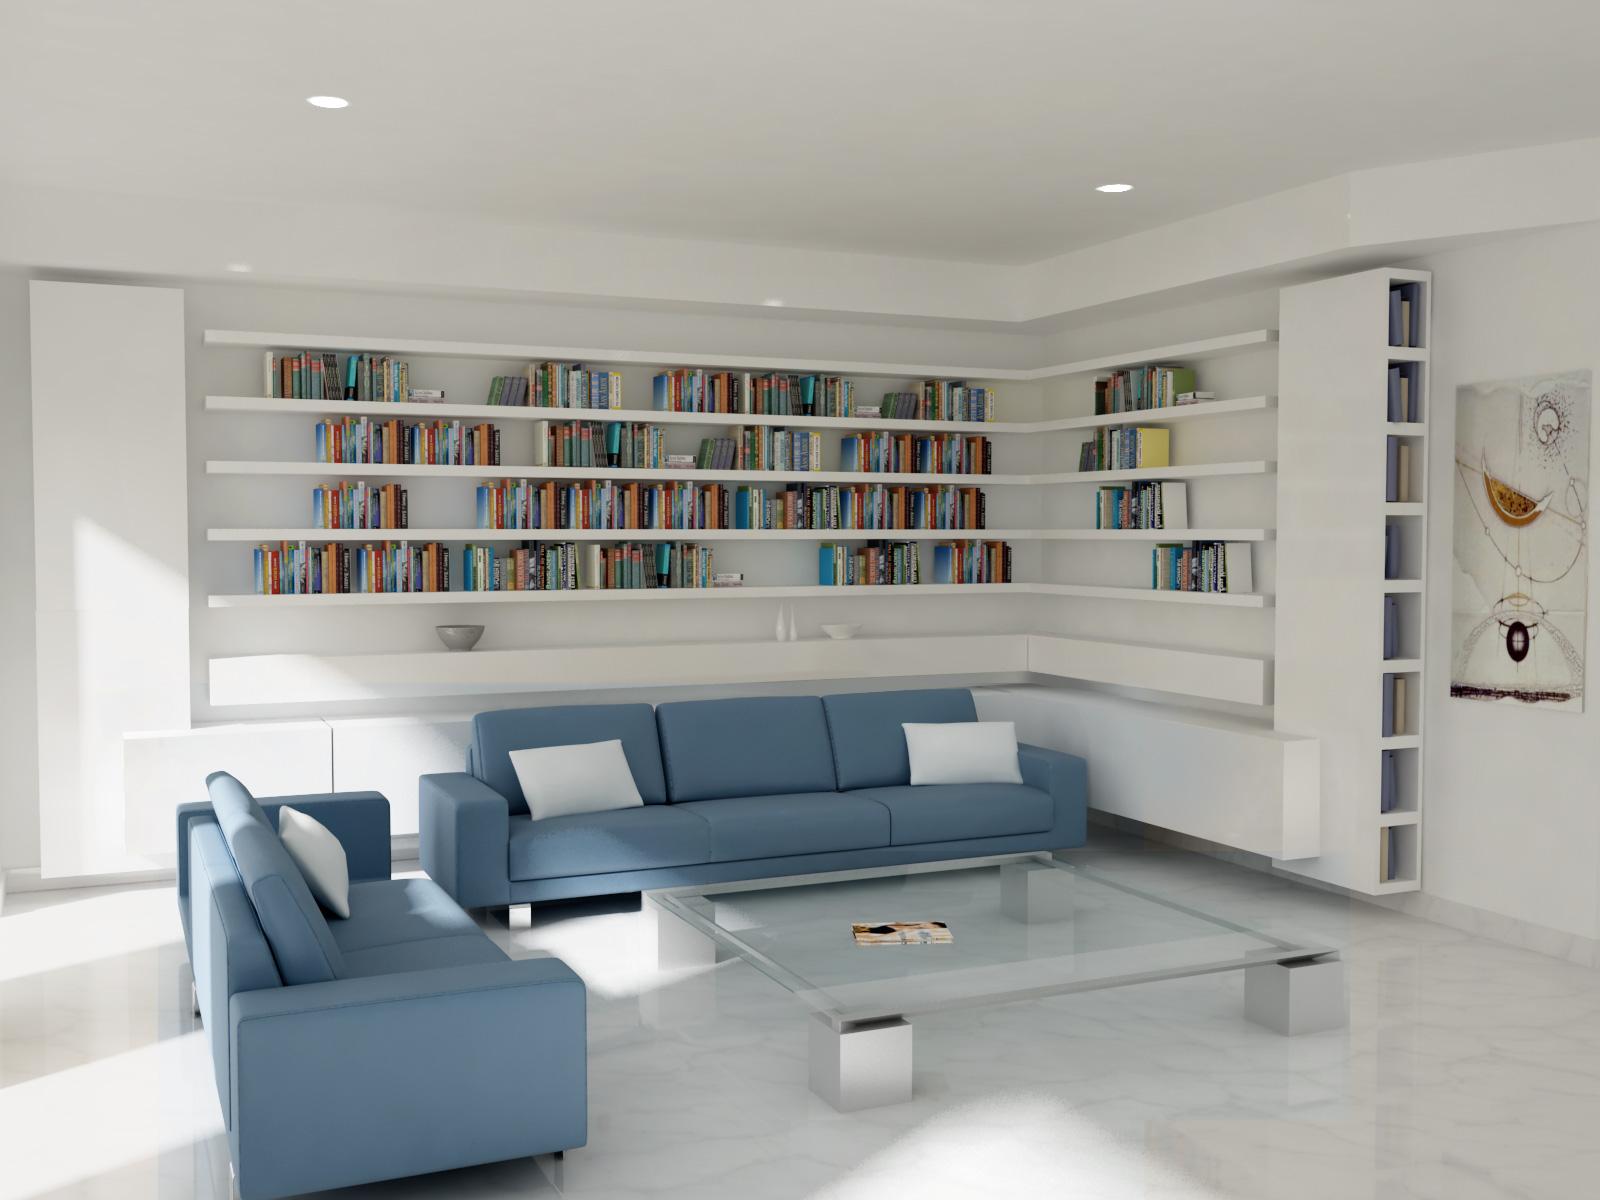 Archibit generation s r l interior design - Offerte lavoro interior designer roma ...